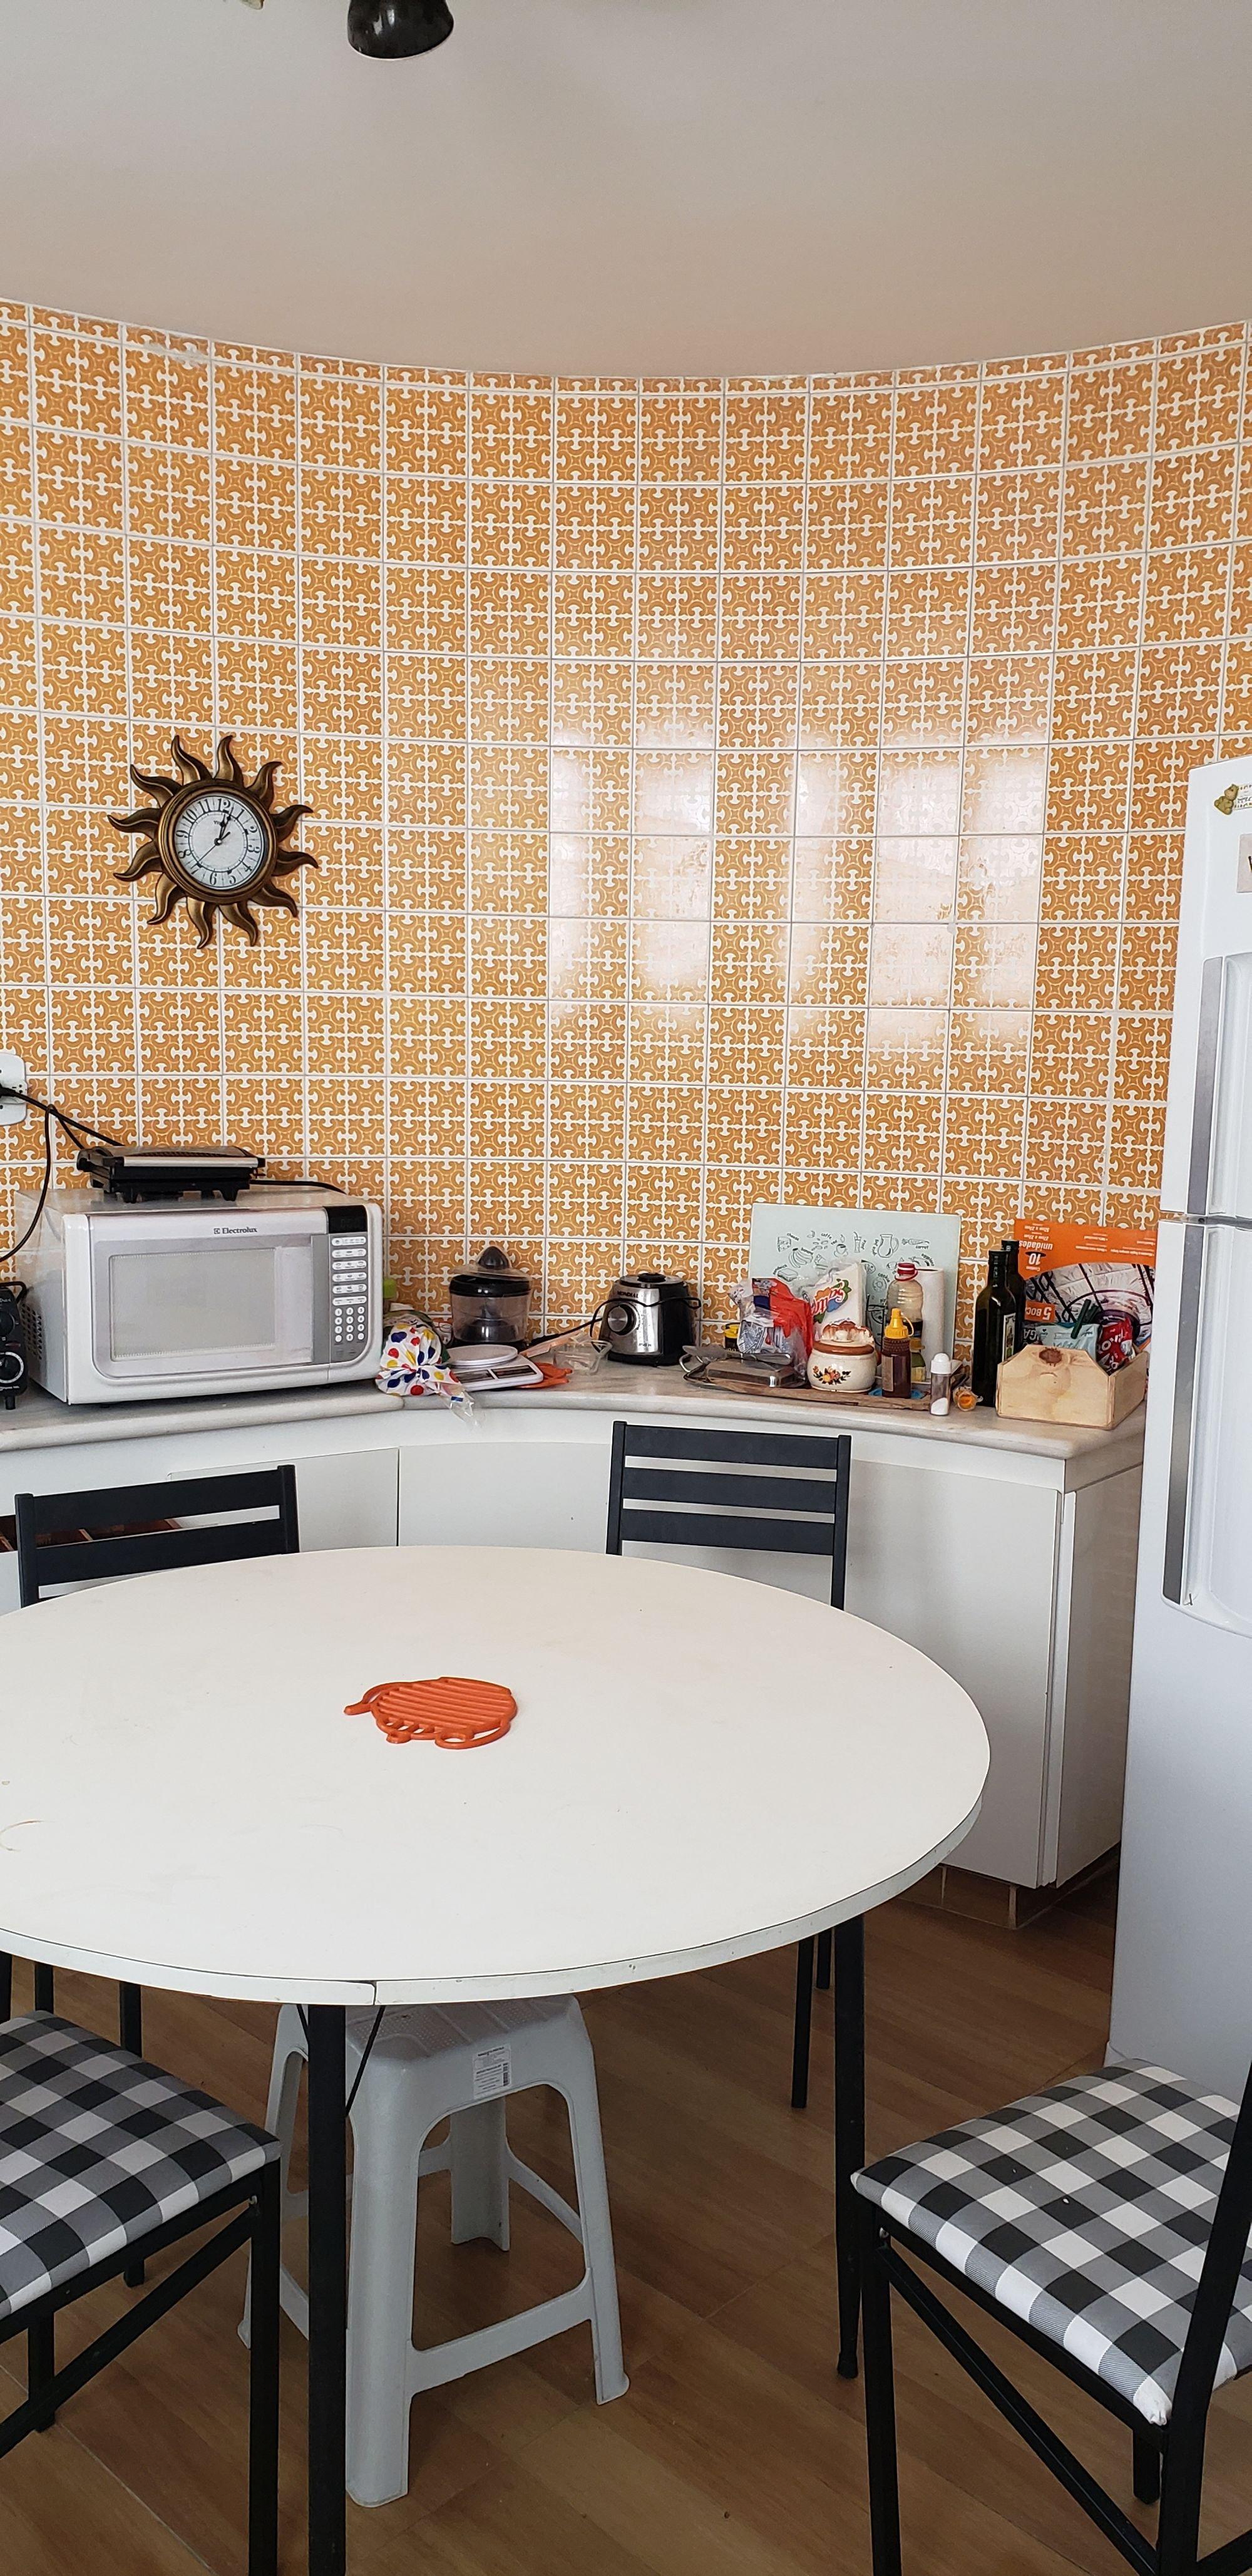 Foto de Cozinha com relógio, cadeira, microondas, mesa de jantar